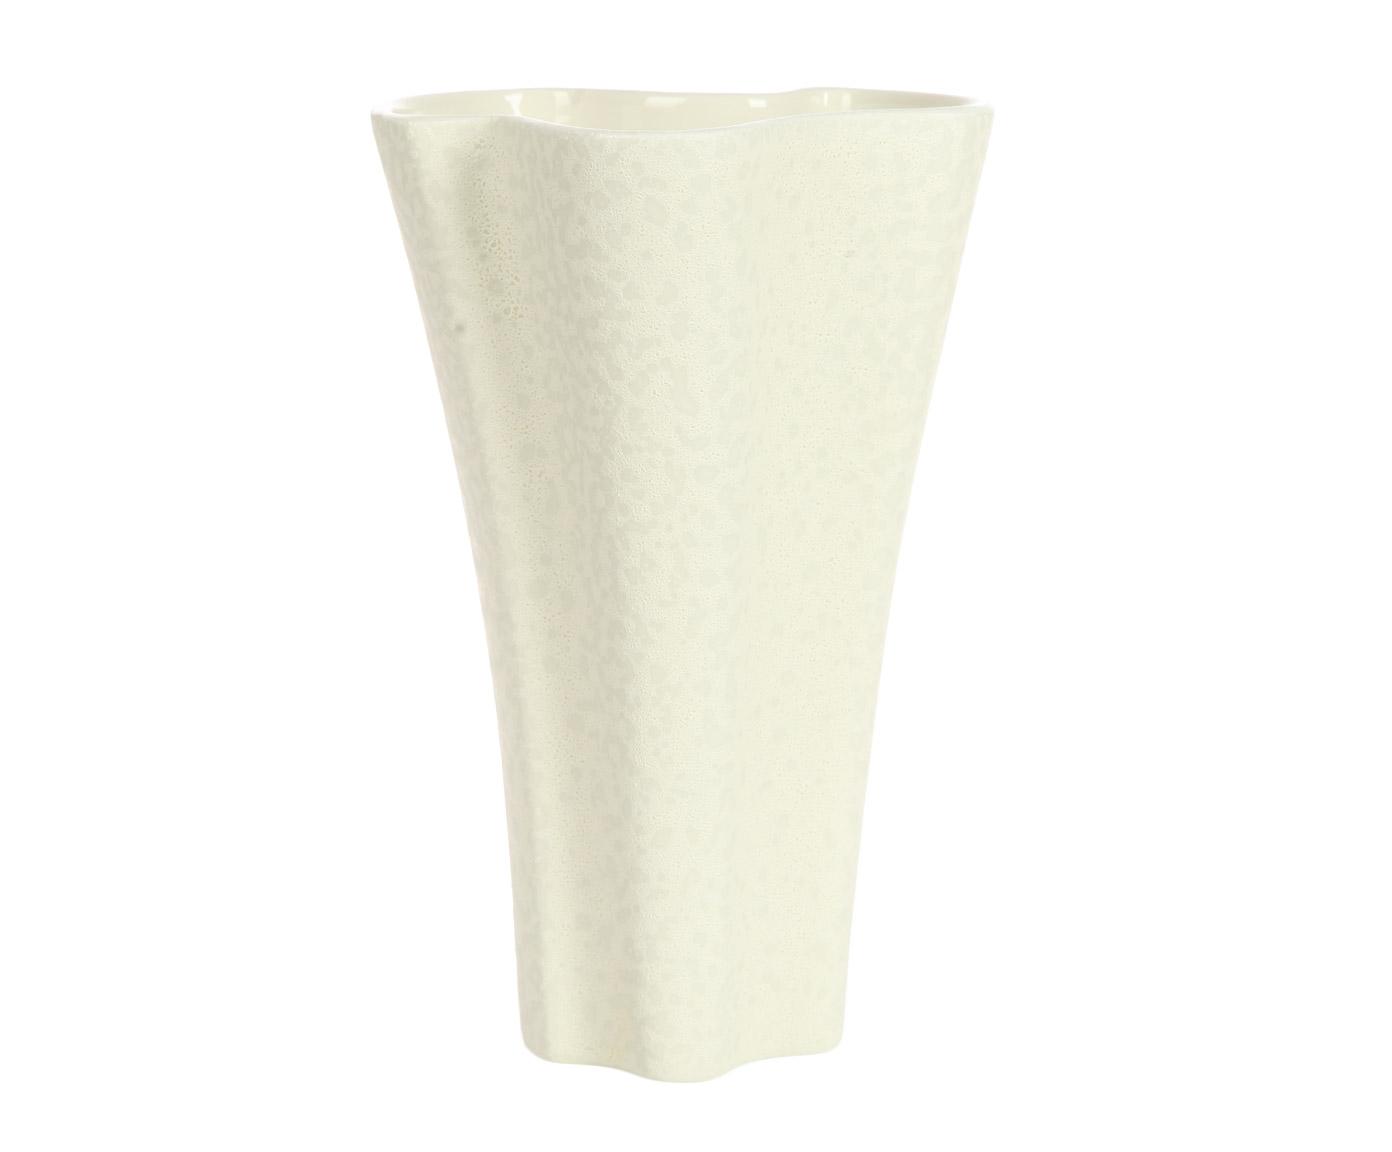 Ваза декоративнаяВазы<br>Дизайн этой вытянутой вверх декоративной вазы от Farol вызывает ассоциации с морем. Произвольная, несимметричная форма коралловой ветки, поверхность, напоминающая белую морскую пену – вот-вот схлынет и обнажит глянцевую галечную поверхность. Приложите ухо к горлышку вазы и услышите прибой и крики чаек.<br><br>Material: Керамика<br>Length см: None<br>Width см: 26<br>Height см: 34,5